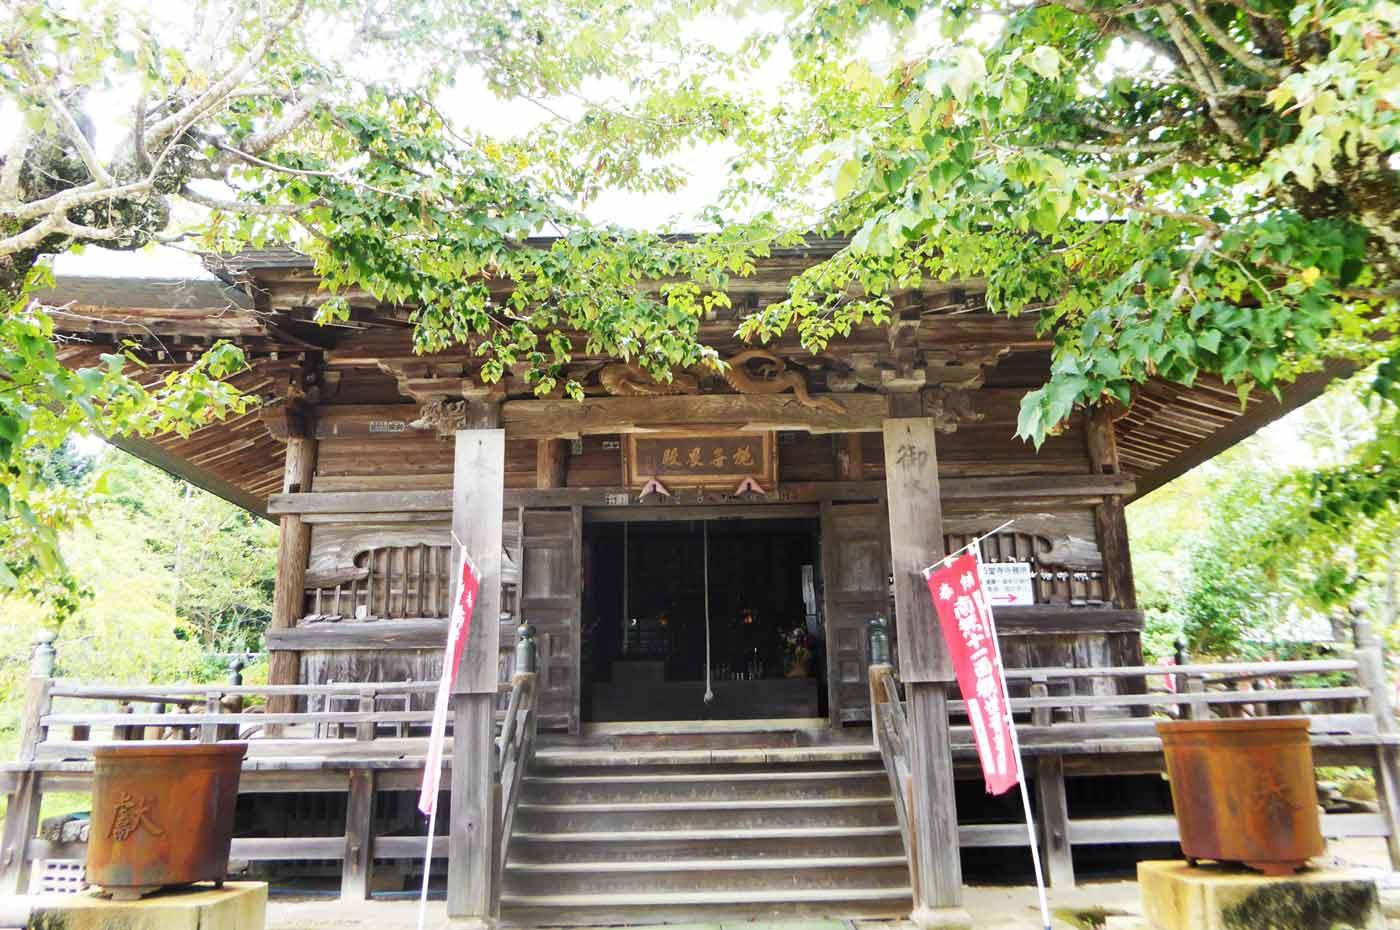 石堂寺の本堂の画像